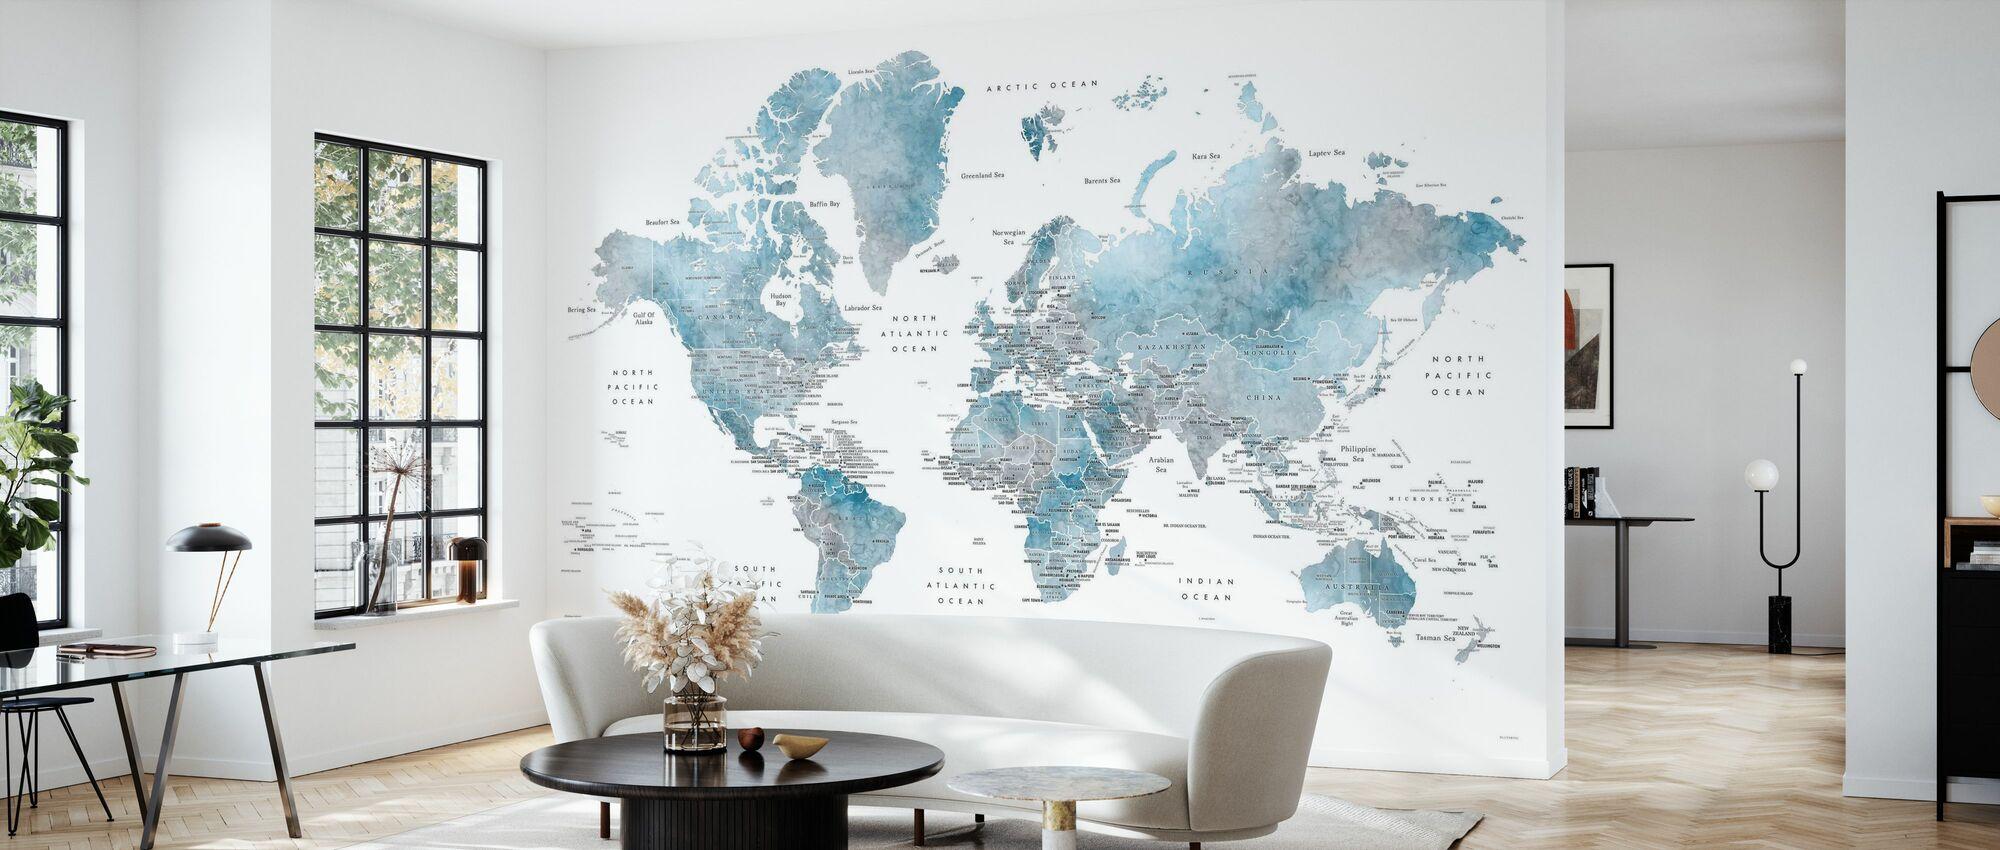 Weltkarte mit Hauptstädten - Tapete - Wohnzimmer